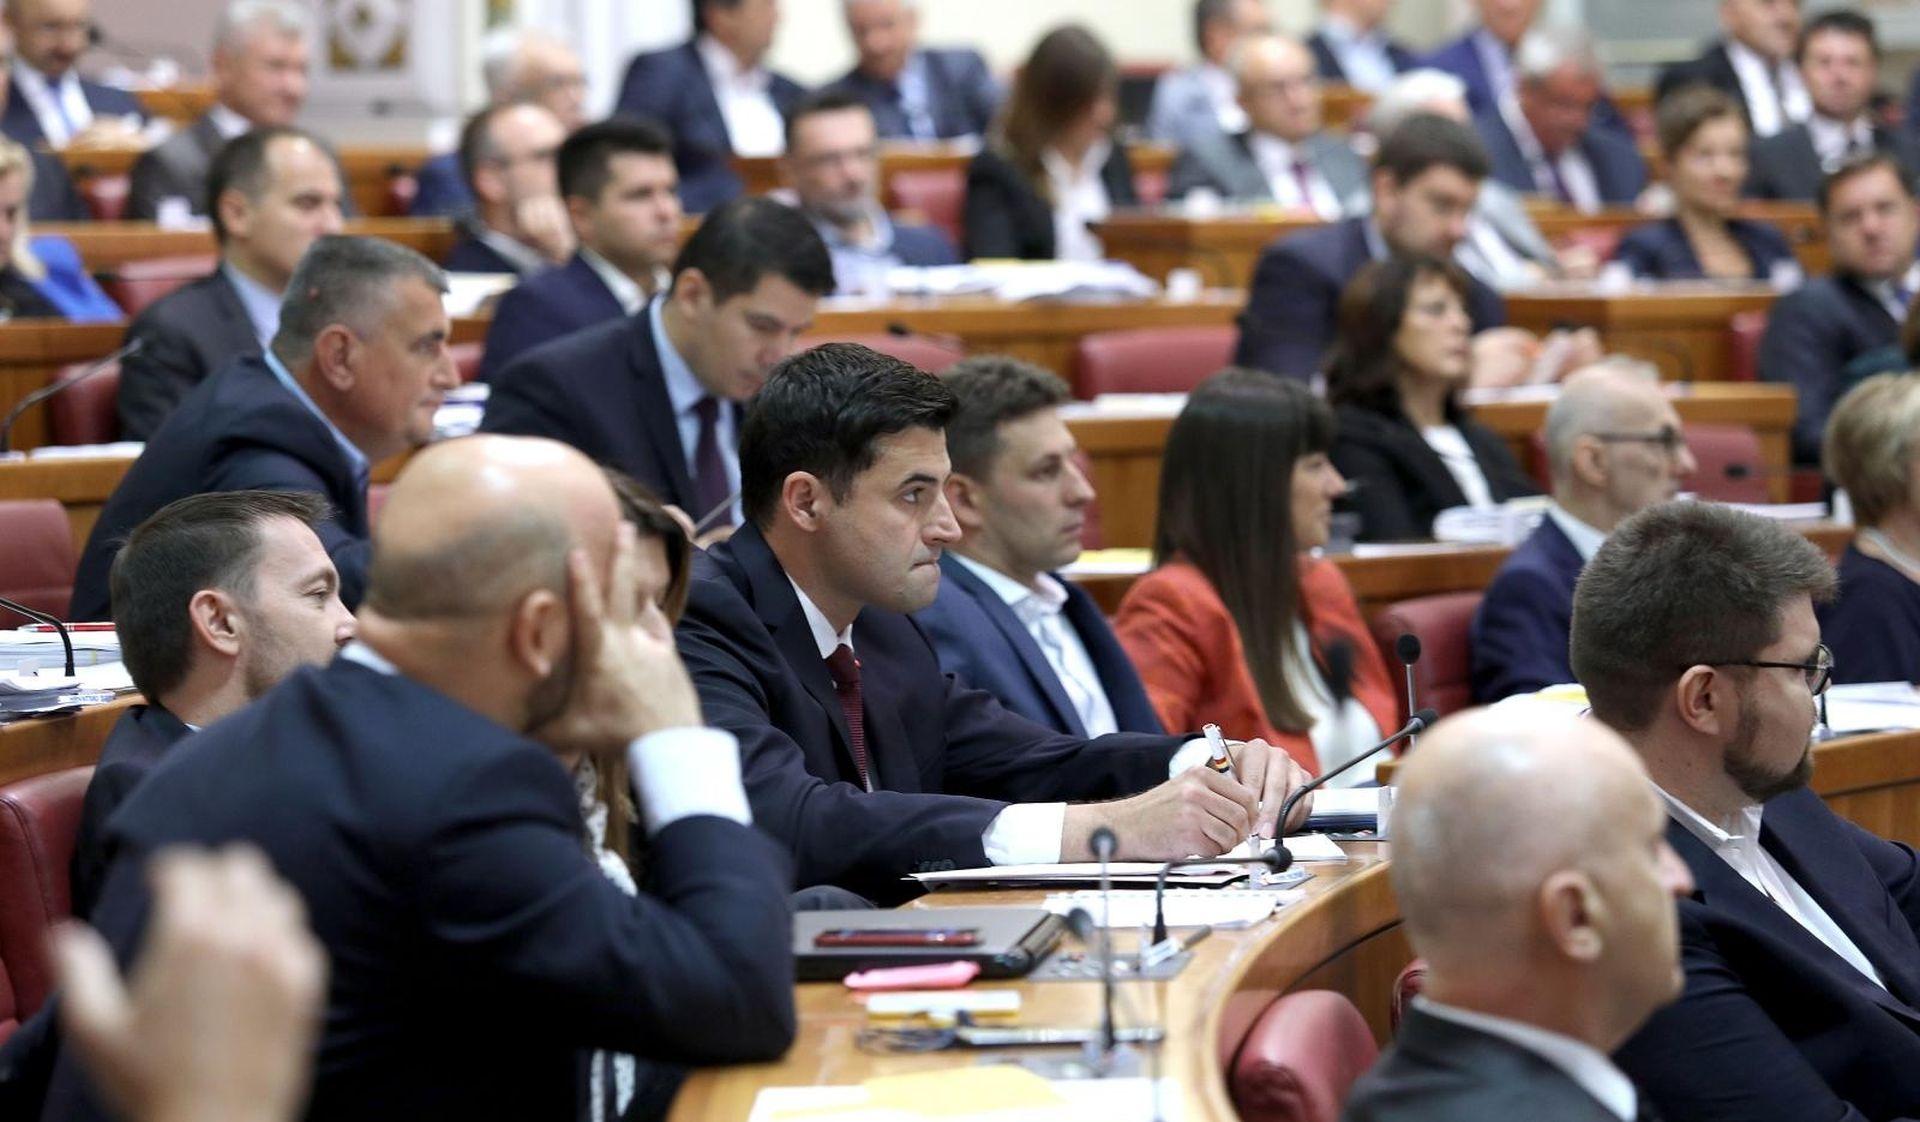 Sabor donio novi Zakon o zdravstvenoj zaštiti